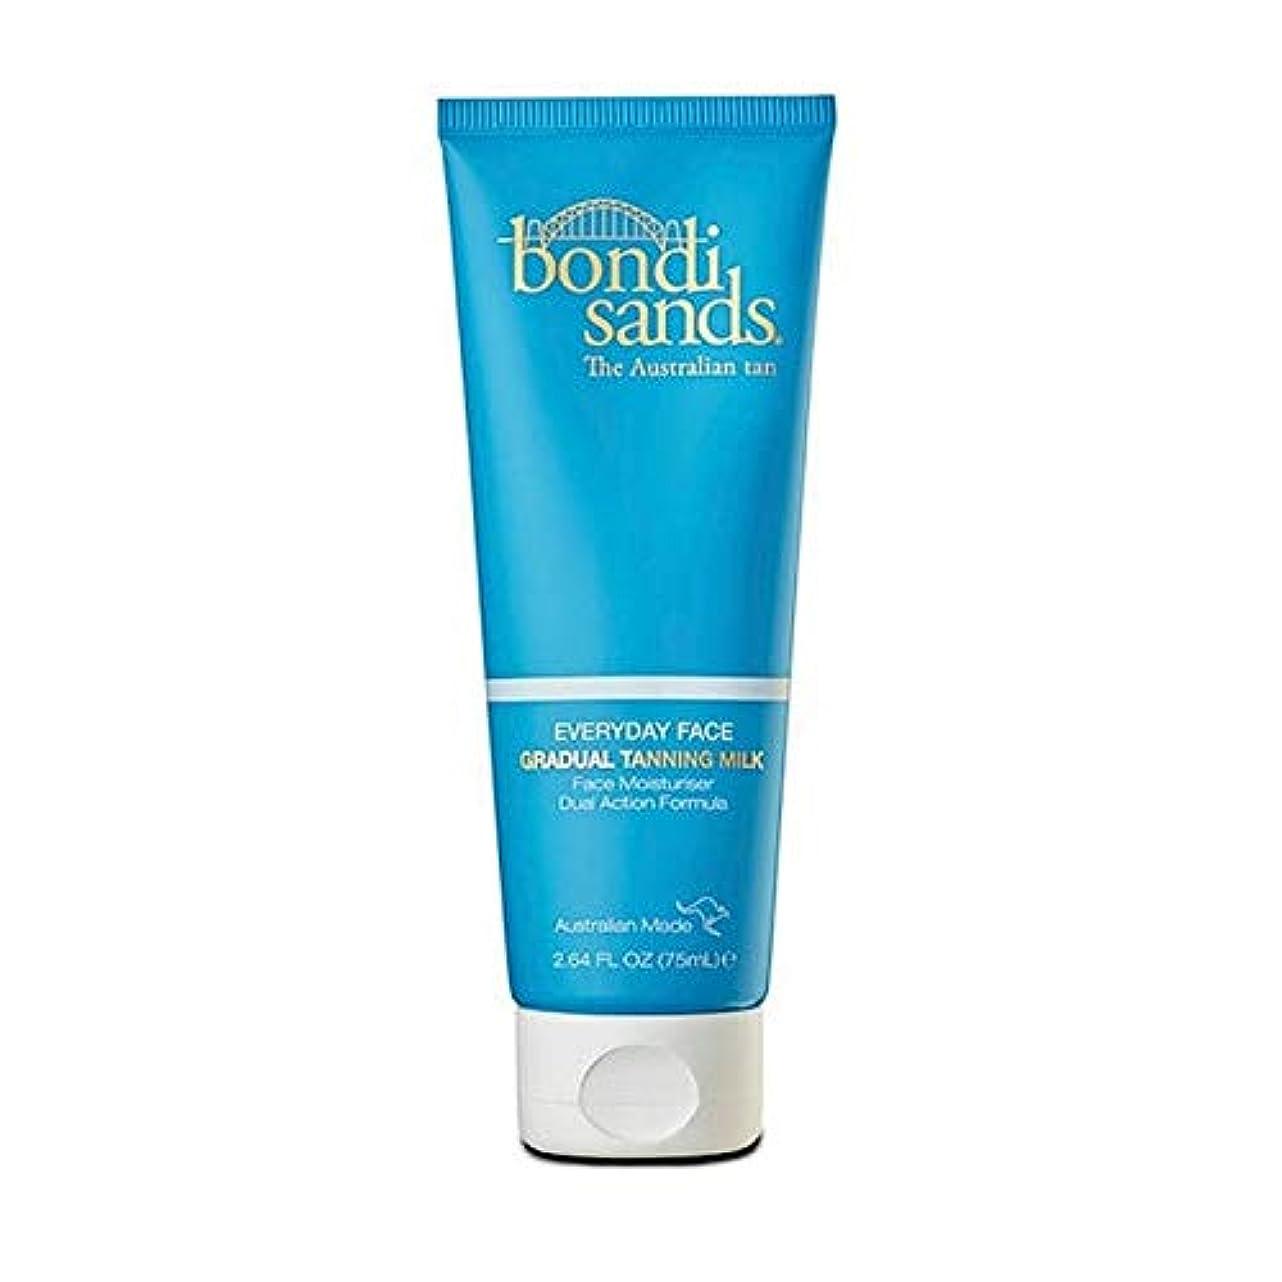 シルエット対抗読みやすさ[Bondi Sands ] 日常ボンダイ砂 - 顔のための段階的な日焼けミルク - 75ミリリットル - Bondi Sands Everyday - Gradual Tanning Milk for Face - 75ml [並行輸入品]